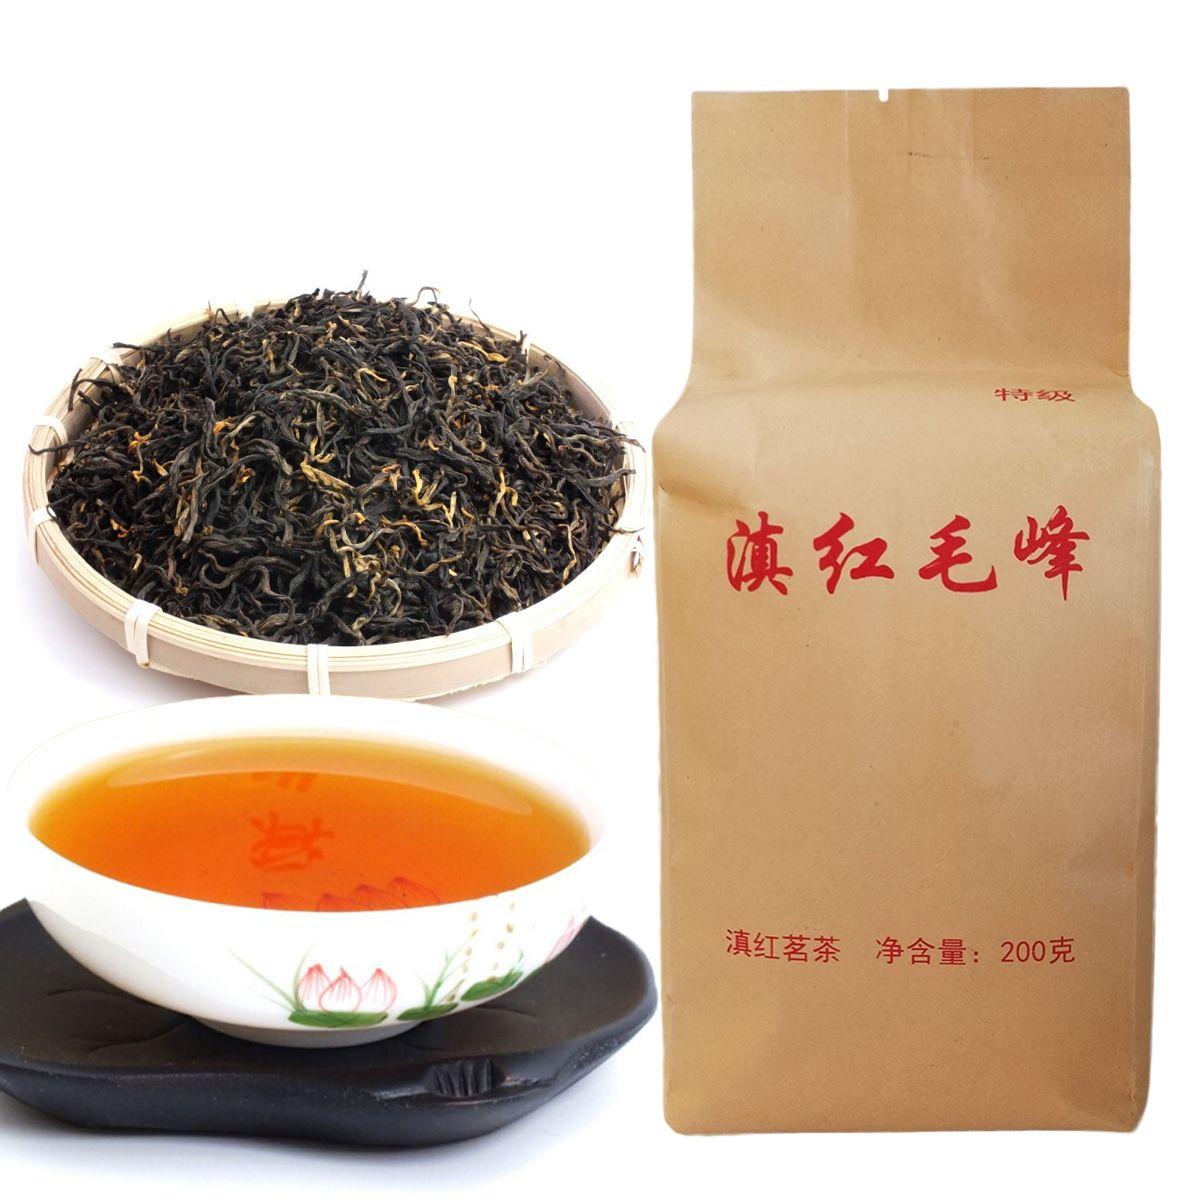 Dian tè maofeng Hong 200g grande congou tè nero Mao cinese Feng Dian Hong famoso tè nero yunnan 200g vendite calde